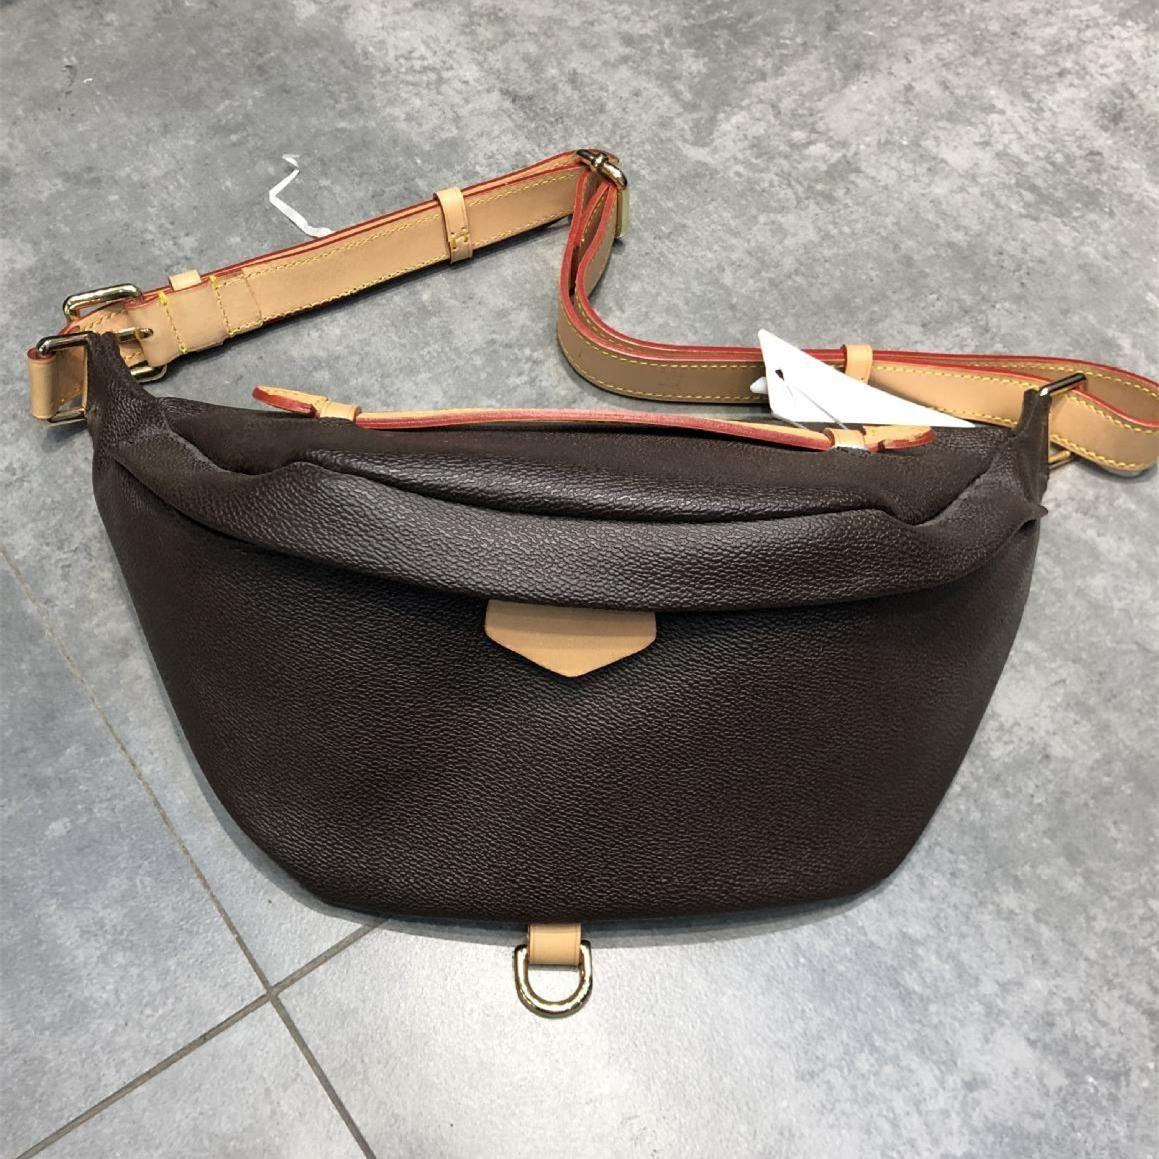 Luxurys designers hommes portefeuille bumbag bandbody sacs sacs coffre sac véritable cuir véritable fannypack femmes vintage sacs à main sacs à main bum pochette unisexe fanny wayistepack